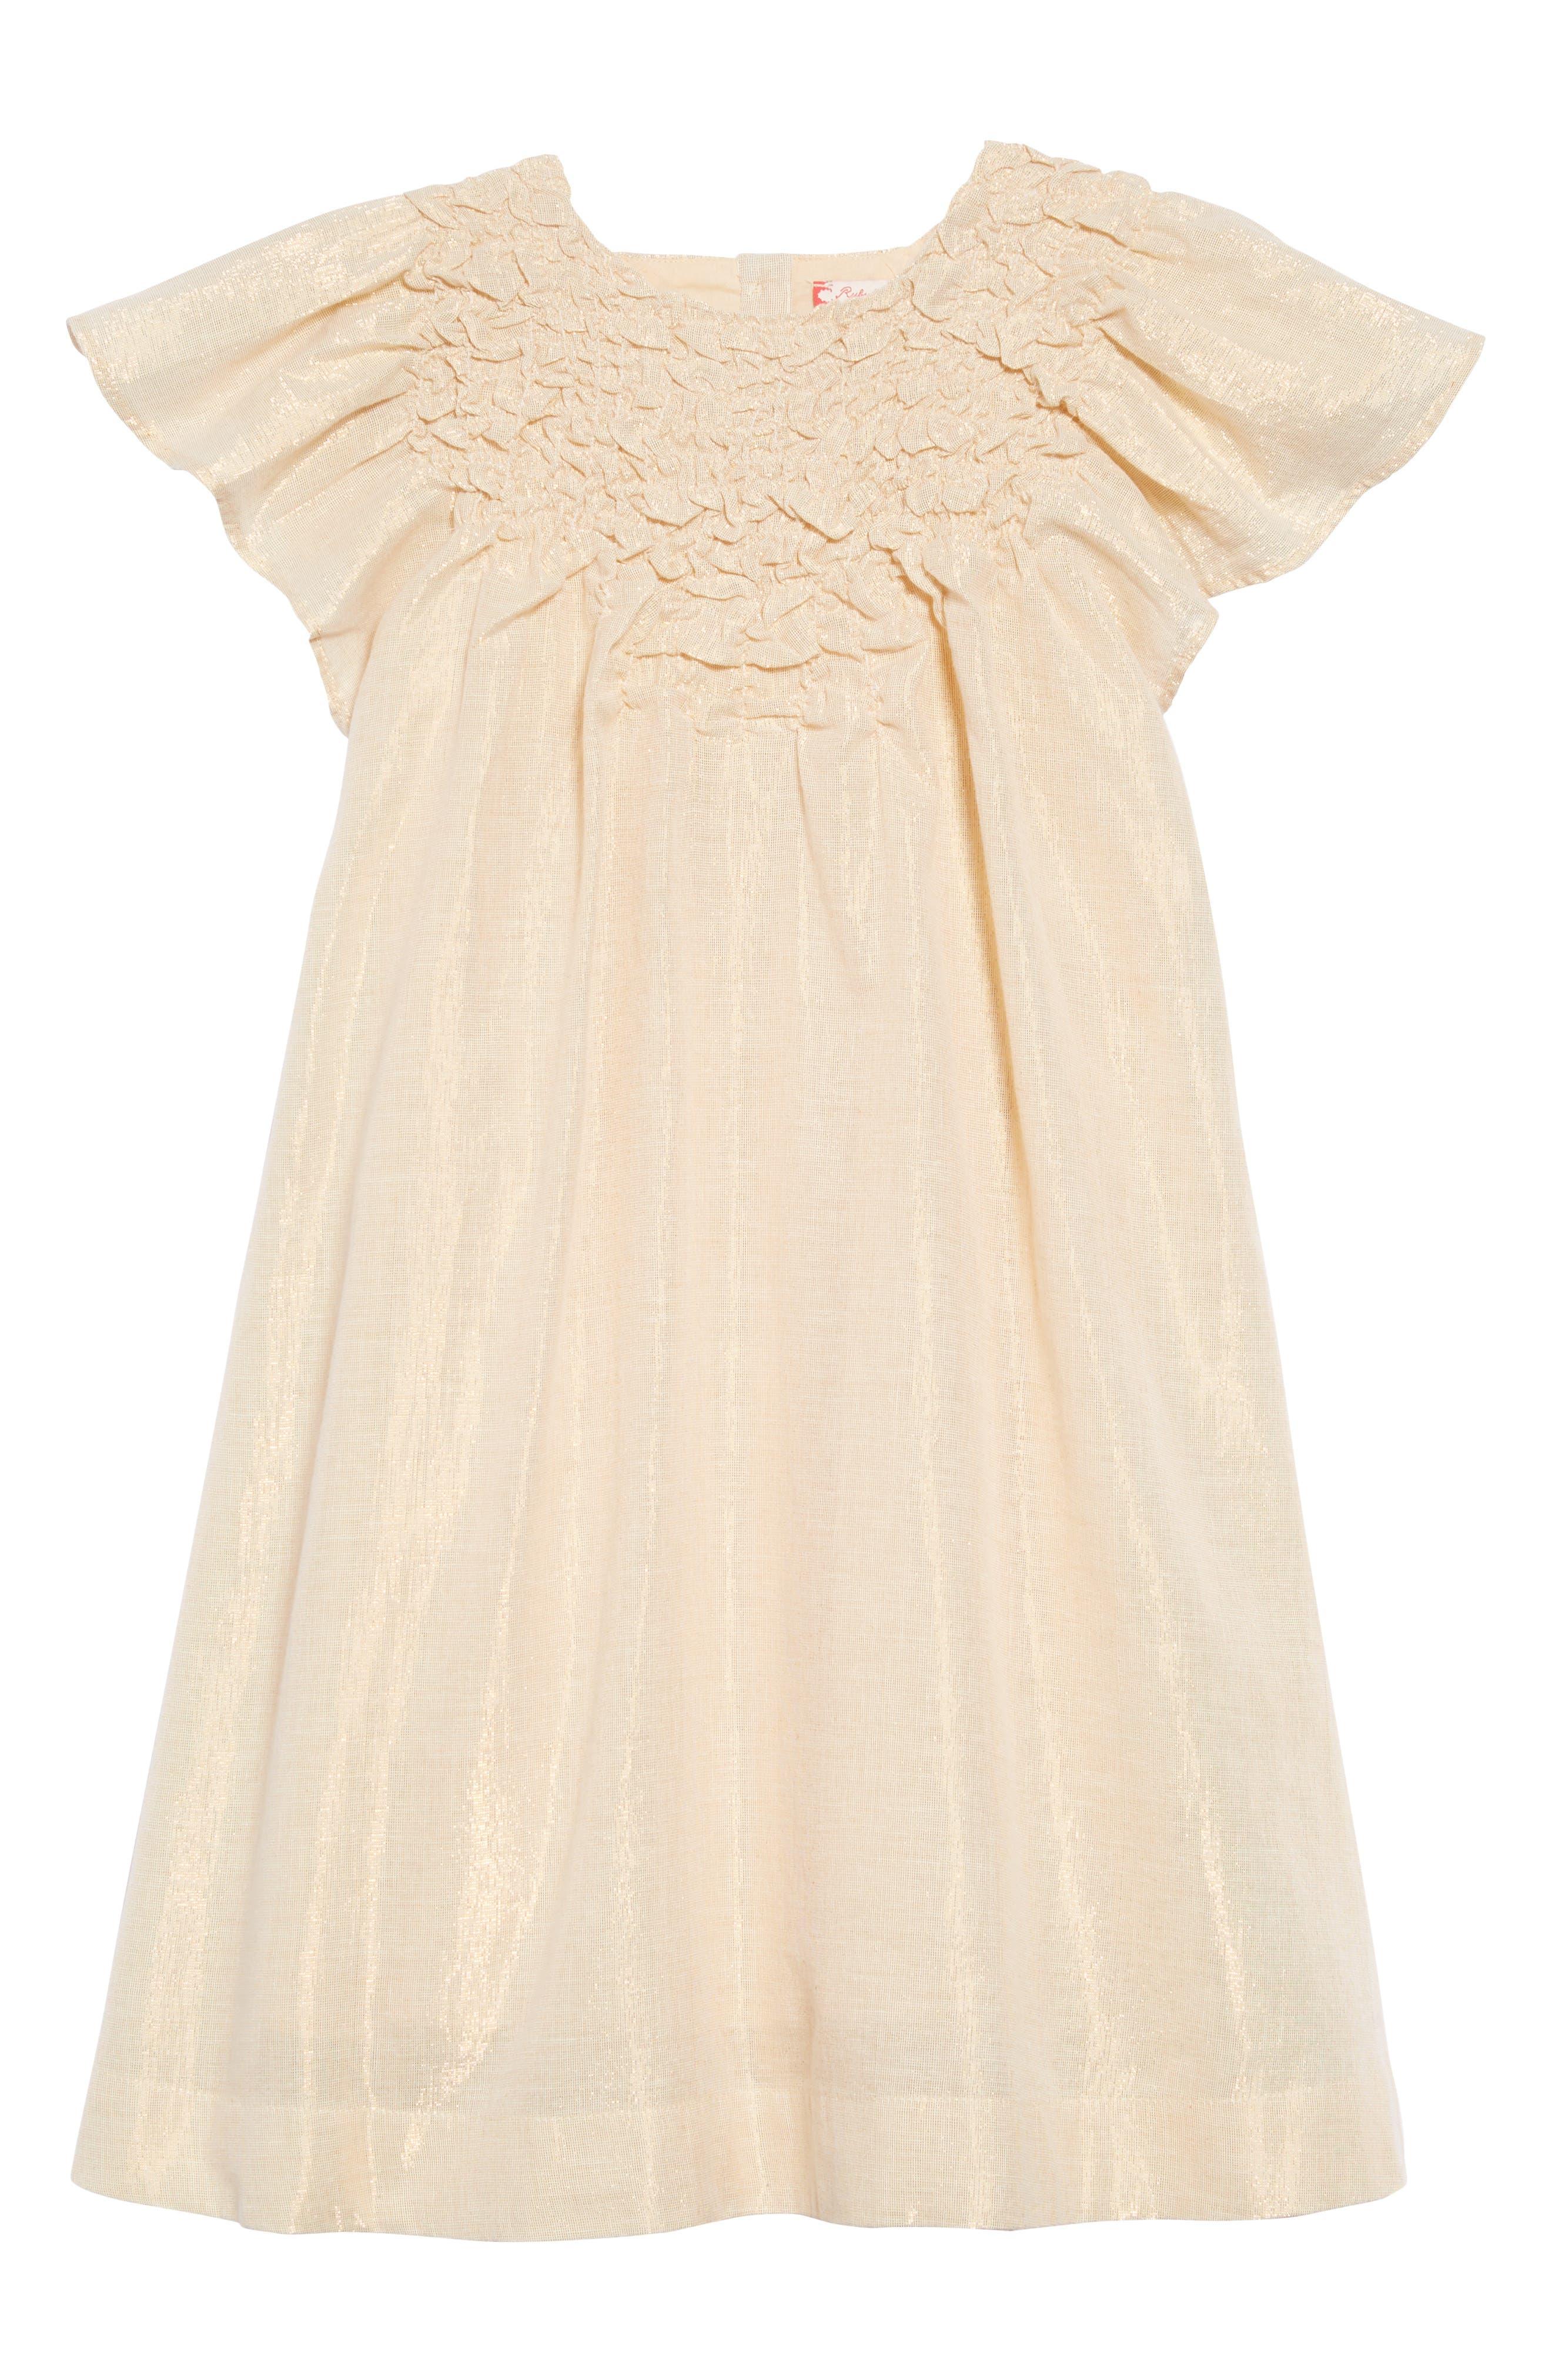 Evening Dresses for Girls 8-12